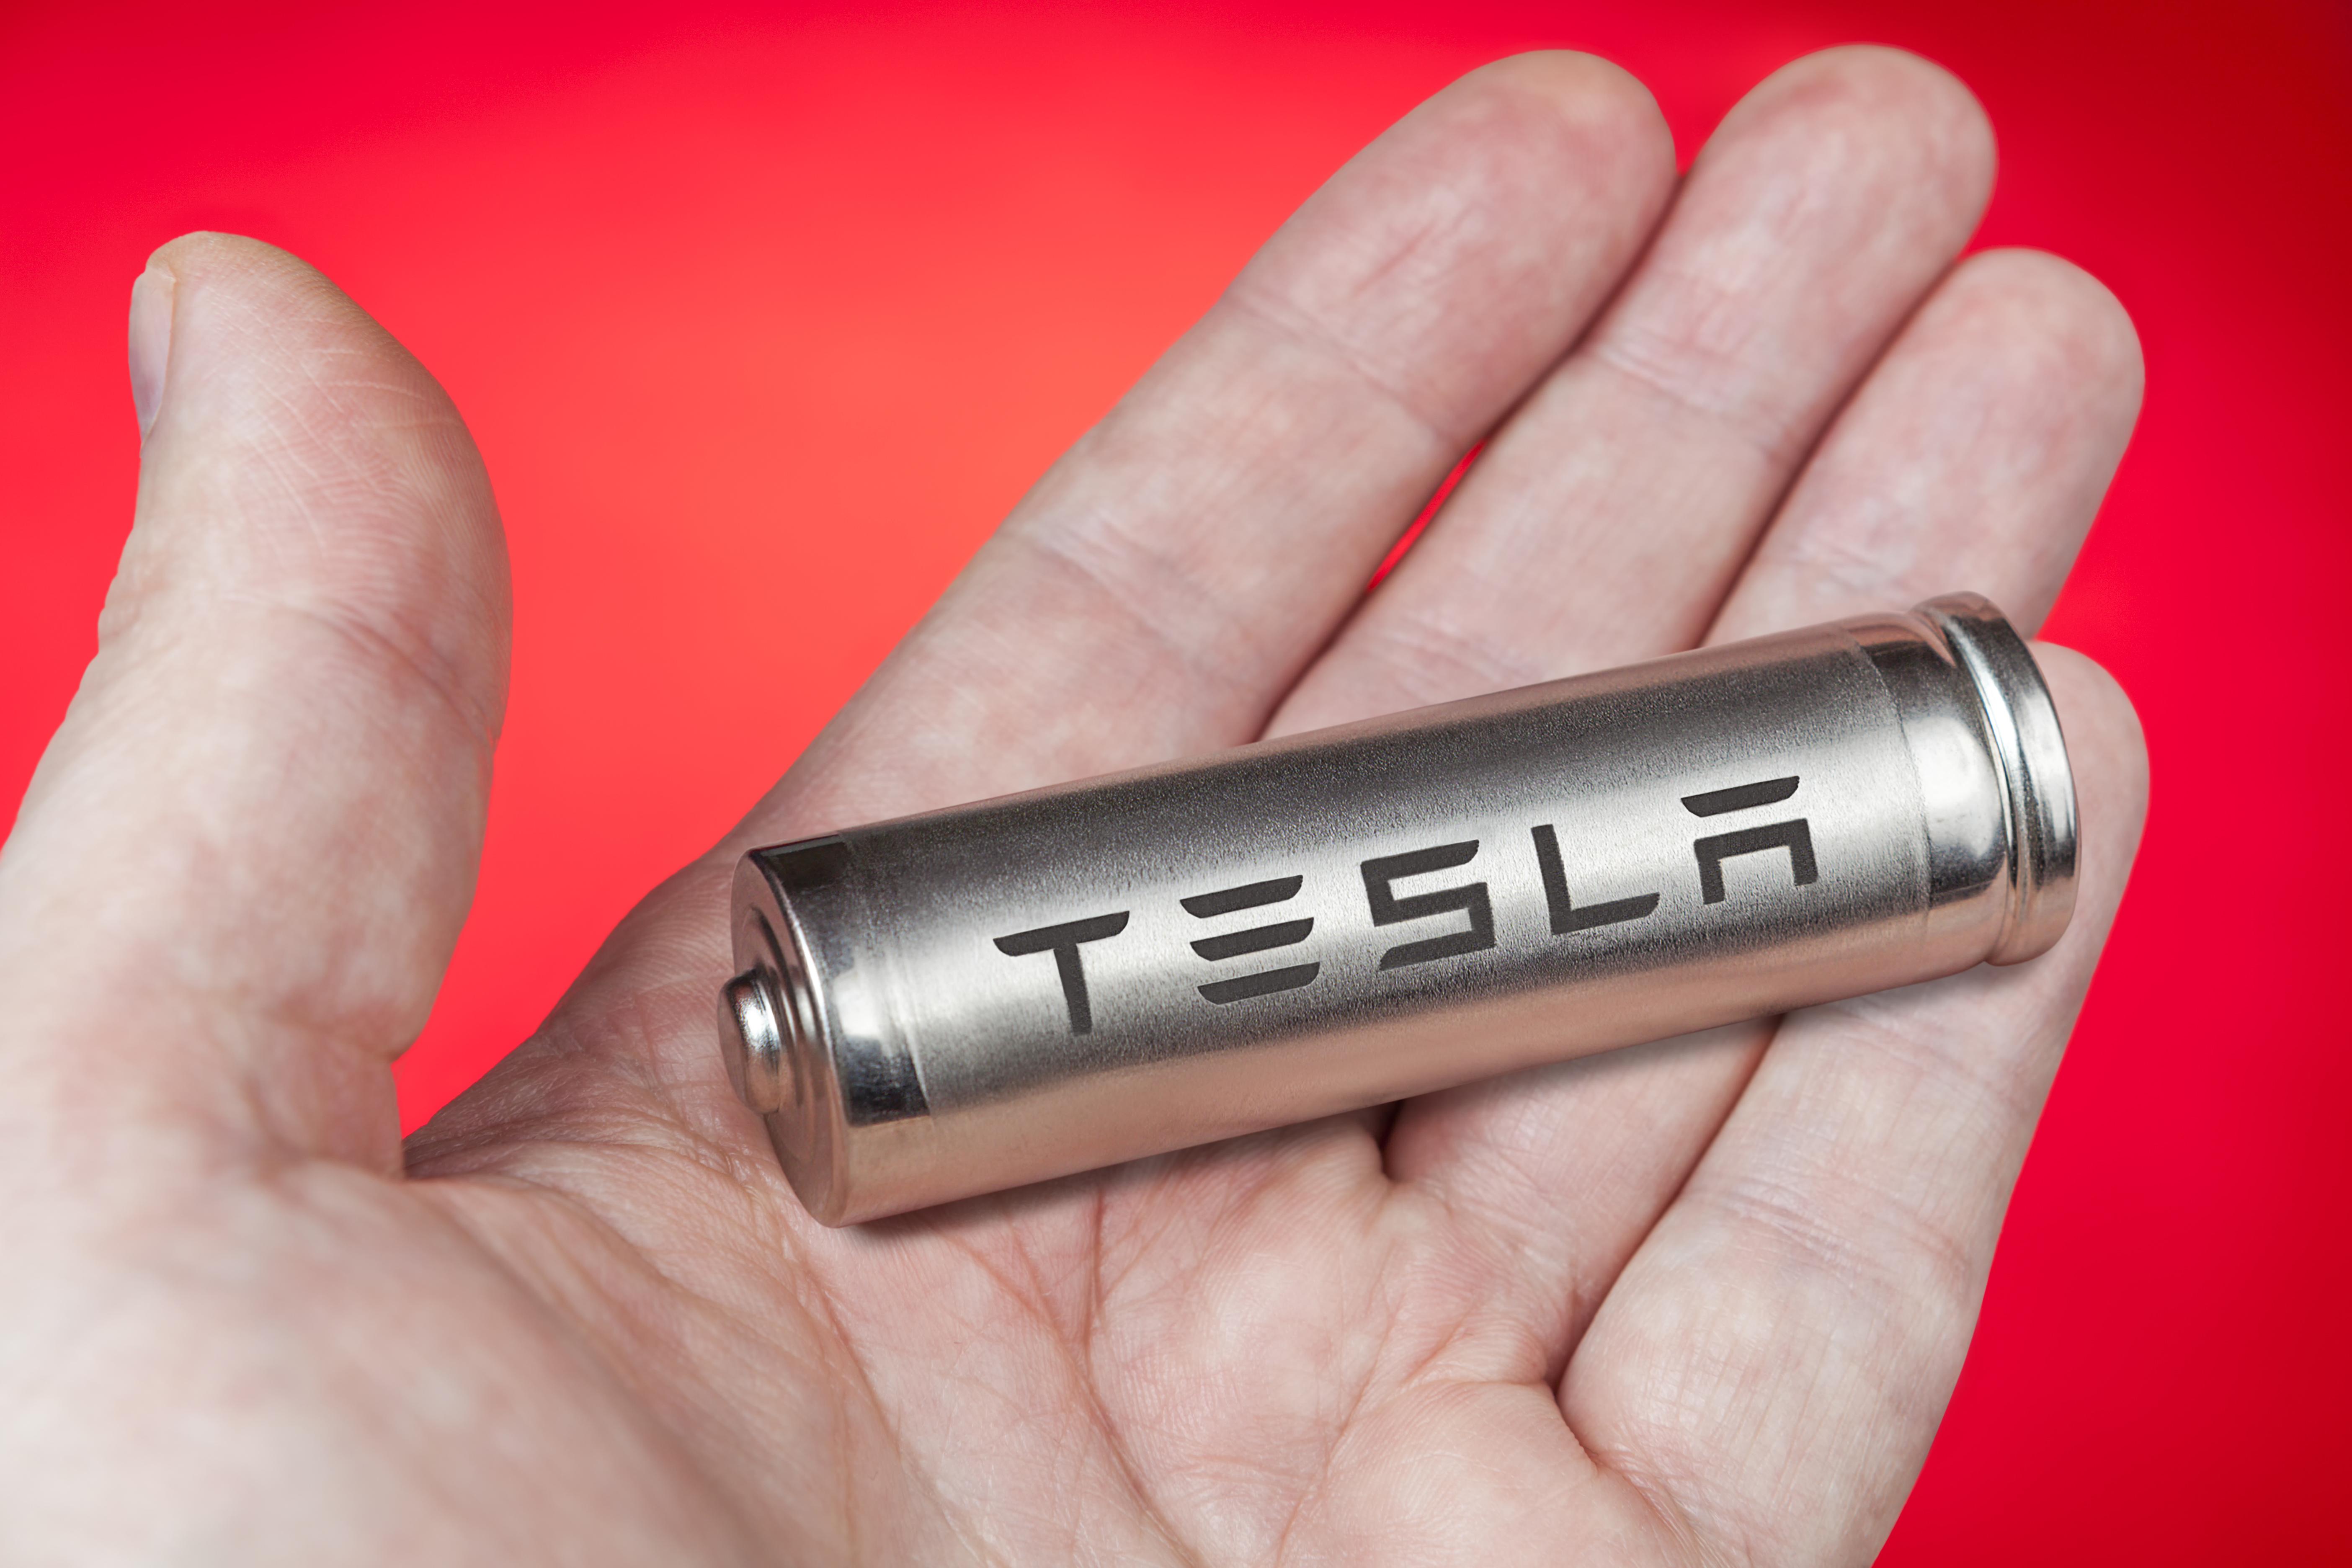 Tesla öffnet Batterie-Produktion für Konkurrenzunternehmen